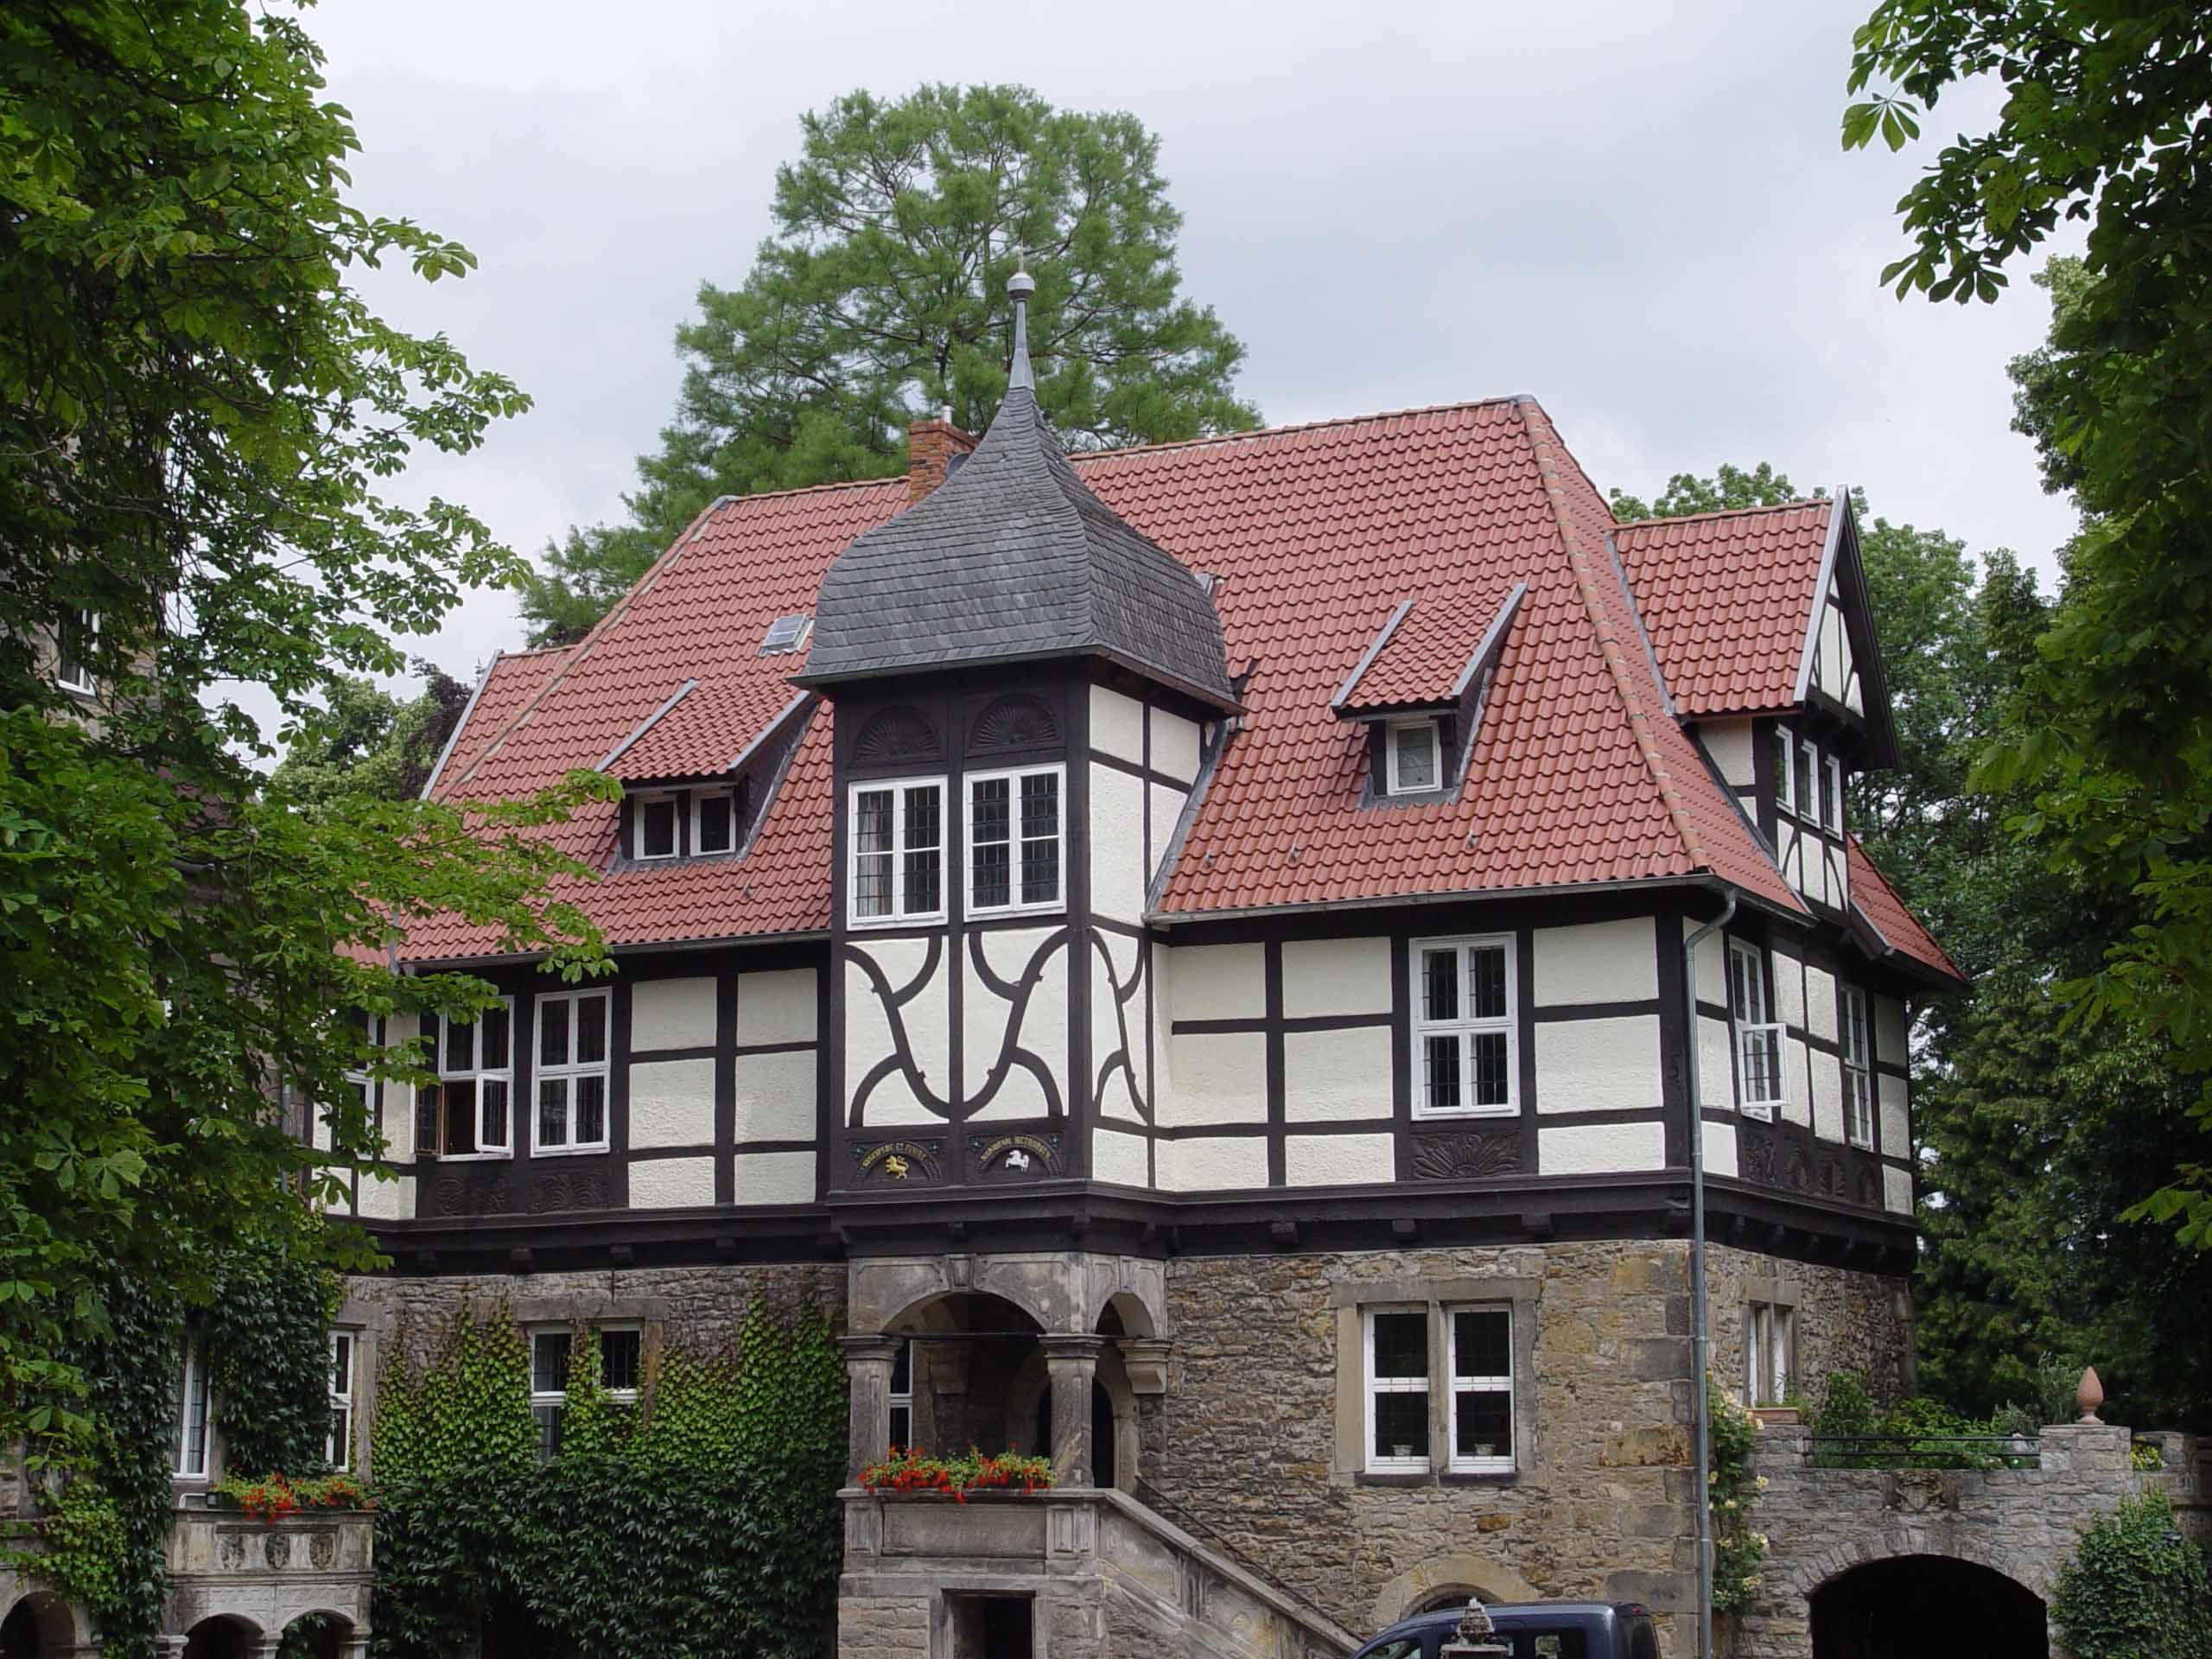 Henke Dachdeckerei Zimmerei für Rodenberg - Dacheindeckung mit Tondachziegeln auf Schloß Schwedesdorf in Lauenau